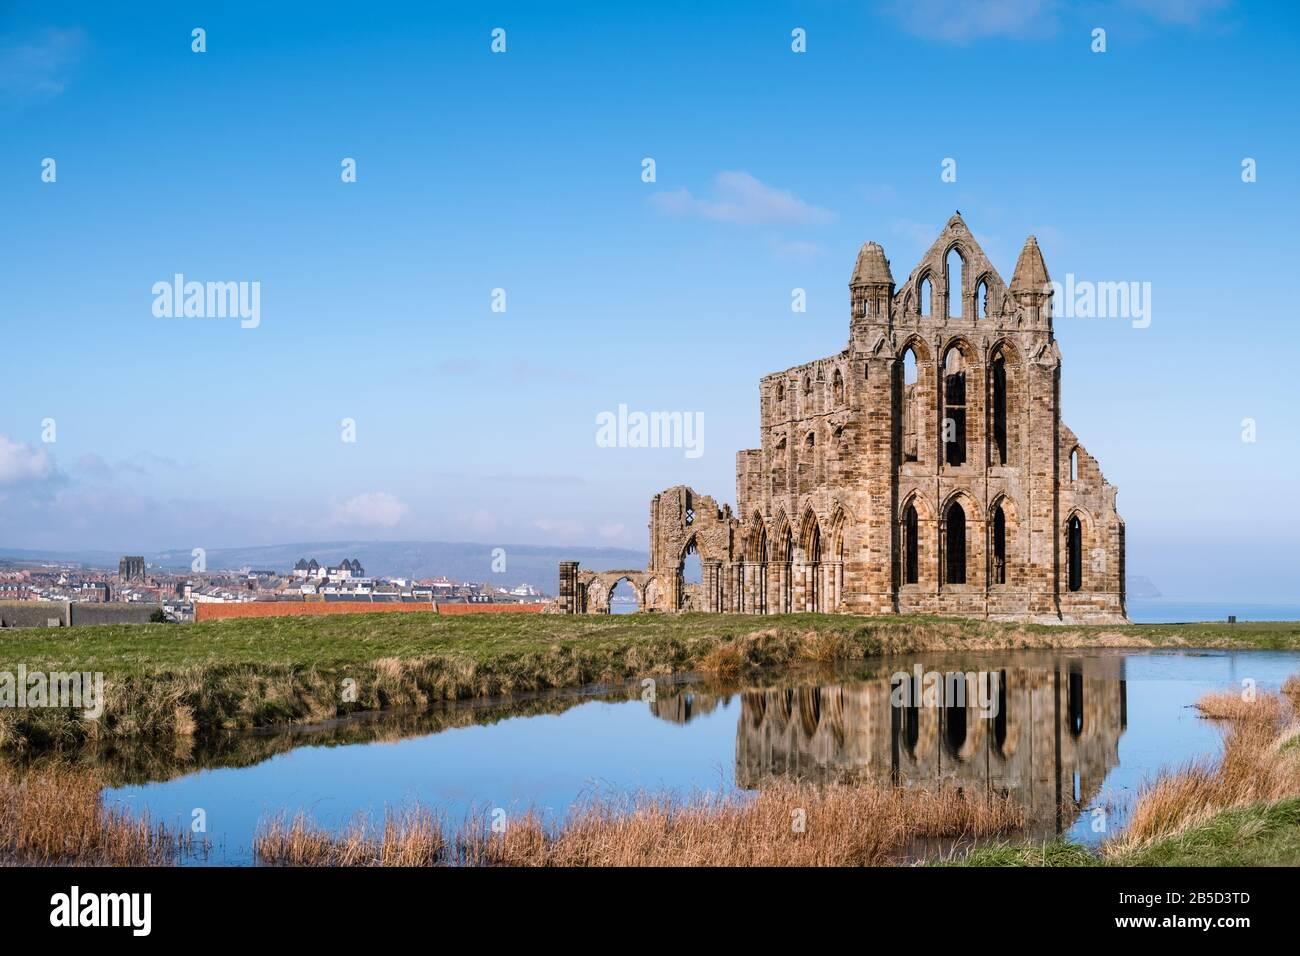 Abbaye de Whitby, les vestiges ruinés d'une abbaye bénédictine du VIIe siècle située sur la côte nord du Yorkshire, au Royaume-Uni, et un bâtiment Classé de première année. Banque D'Images